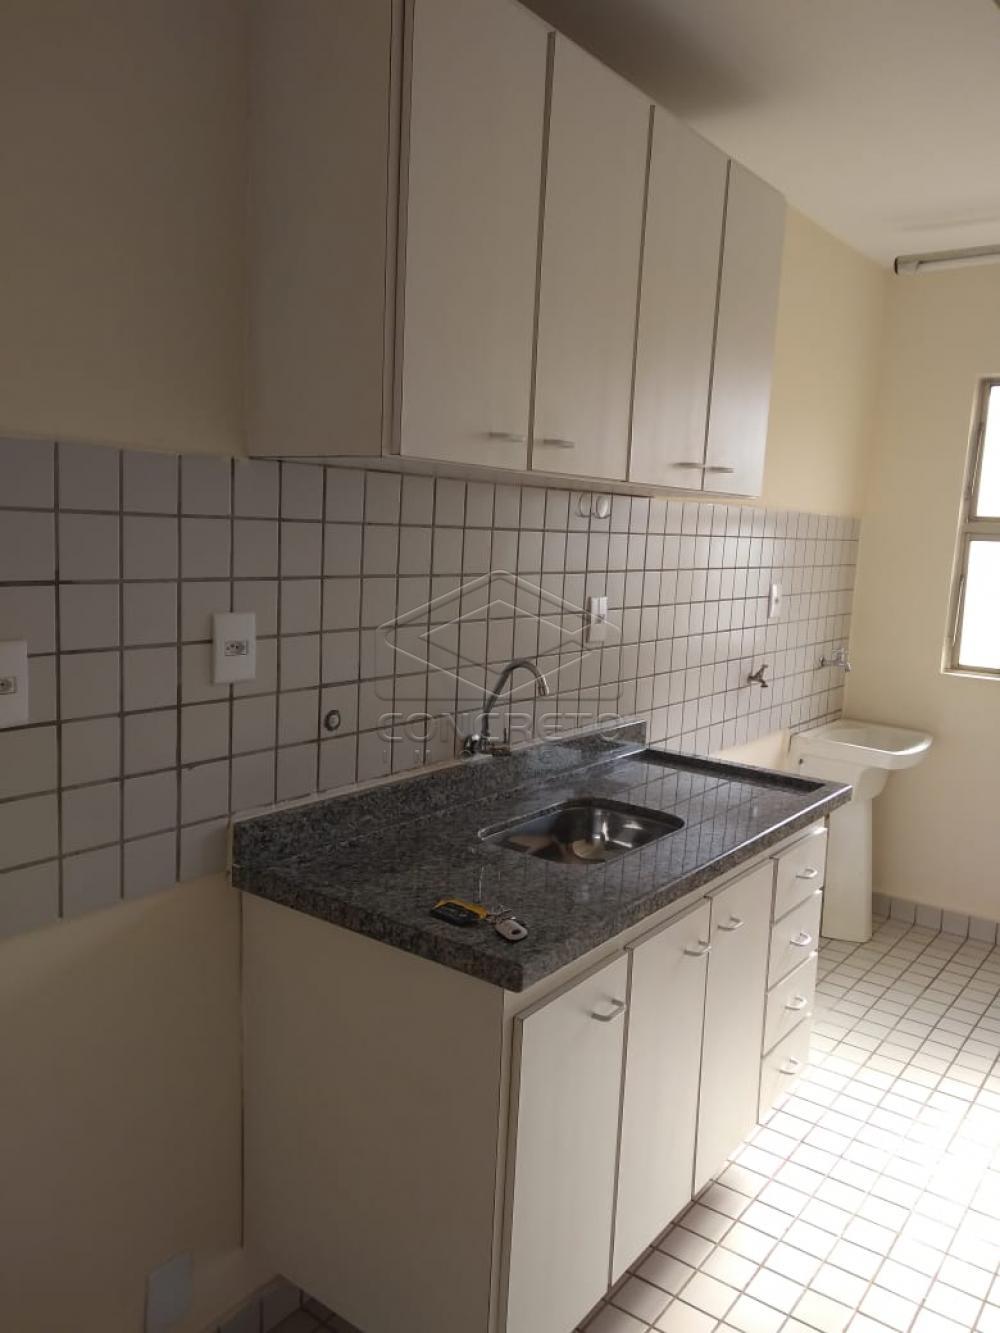 Alugar Apartamento / Padrão em Bauru apenas R$ 700,00 - Foto 4